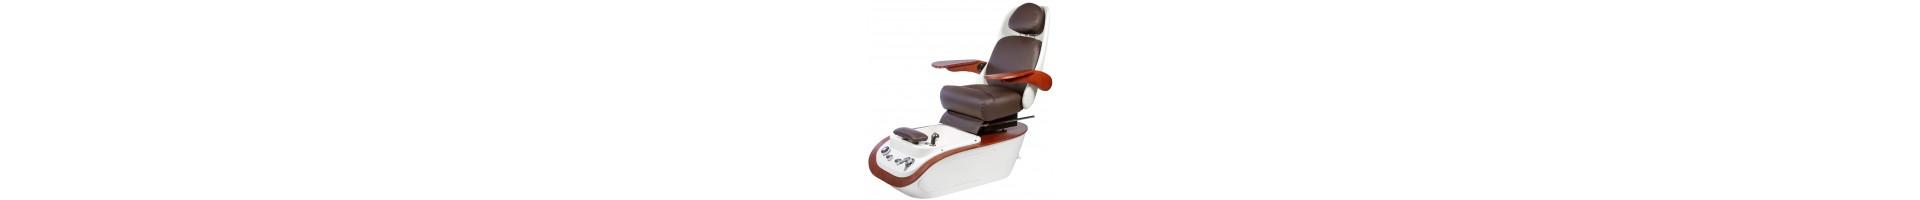 Comprar sillón profesional de Pedicura Online | BeautyVip